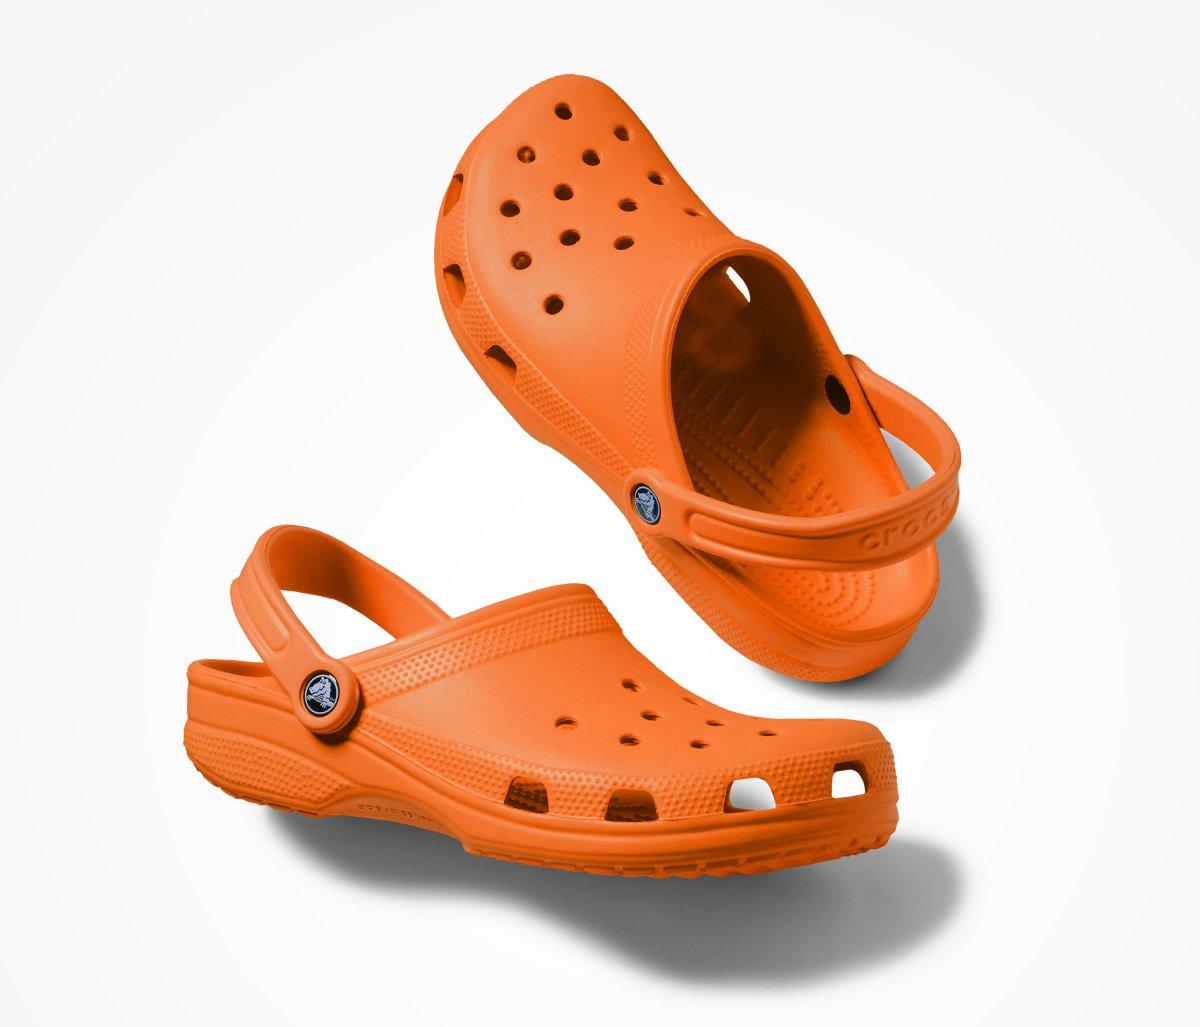 new product 4d4d0 faf93 Crocs: Saldi fino al 40%! | Milled